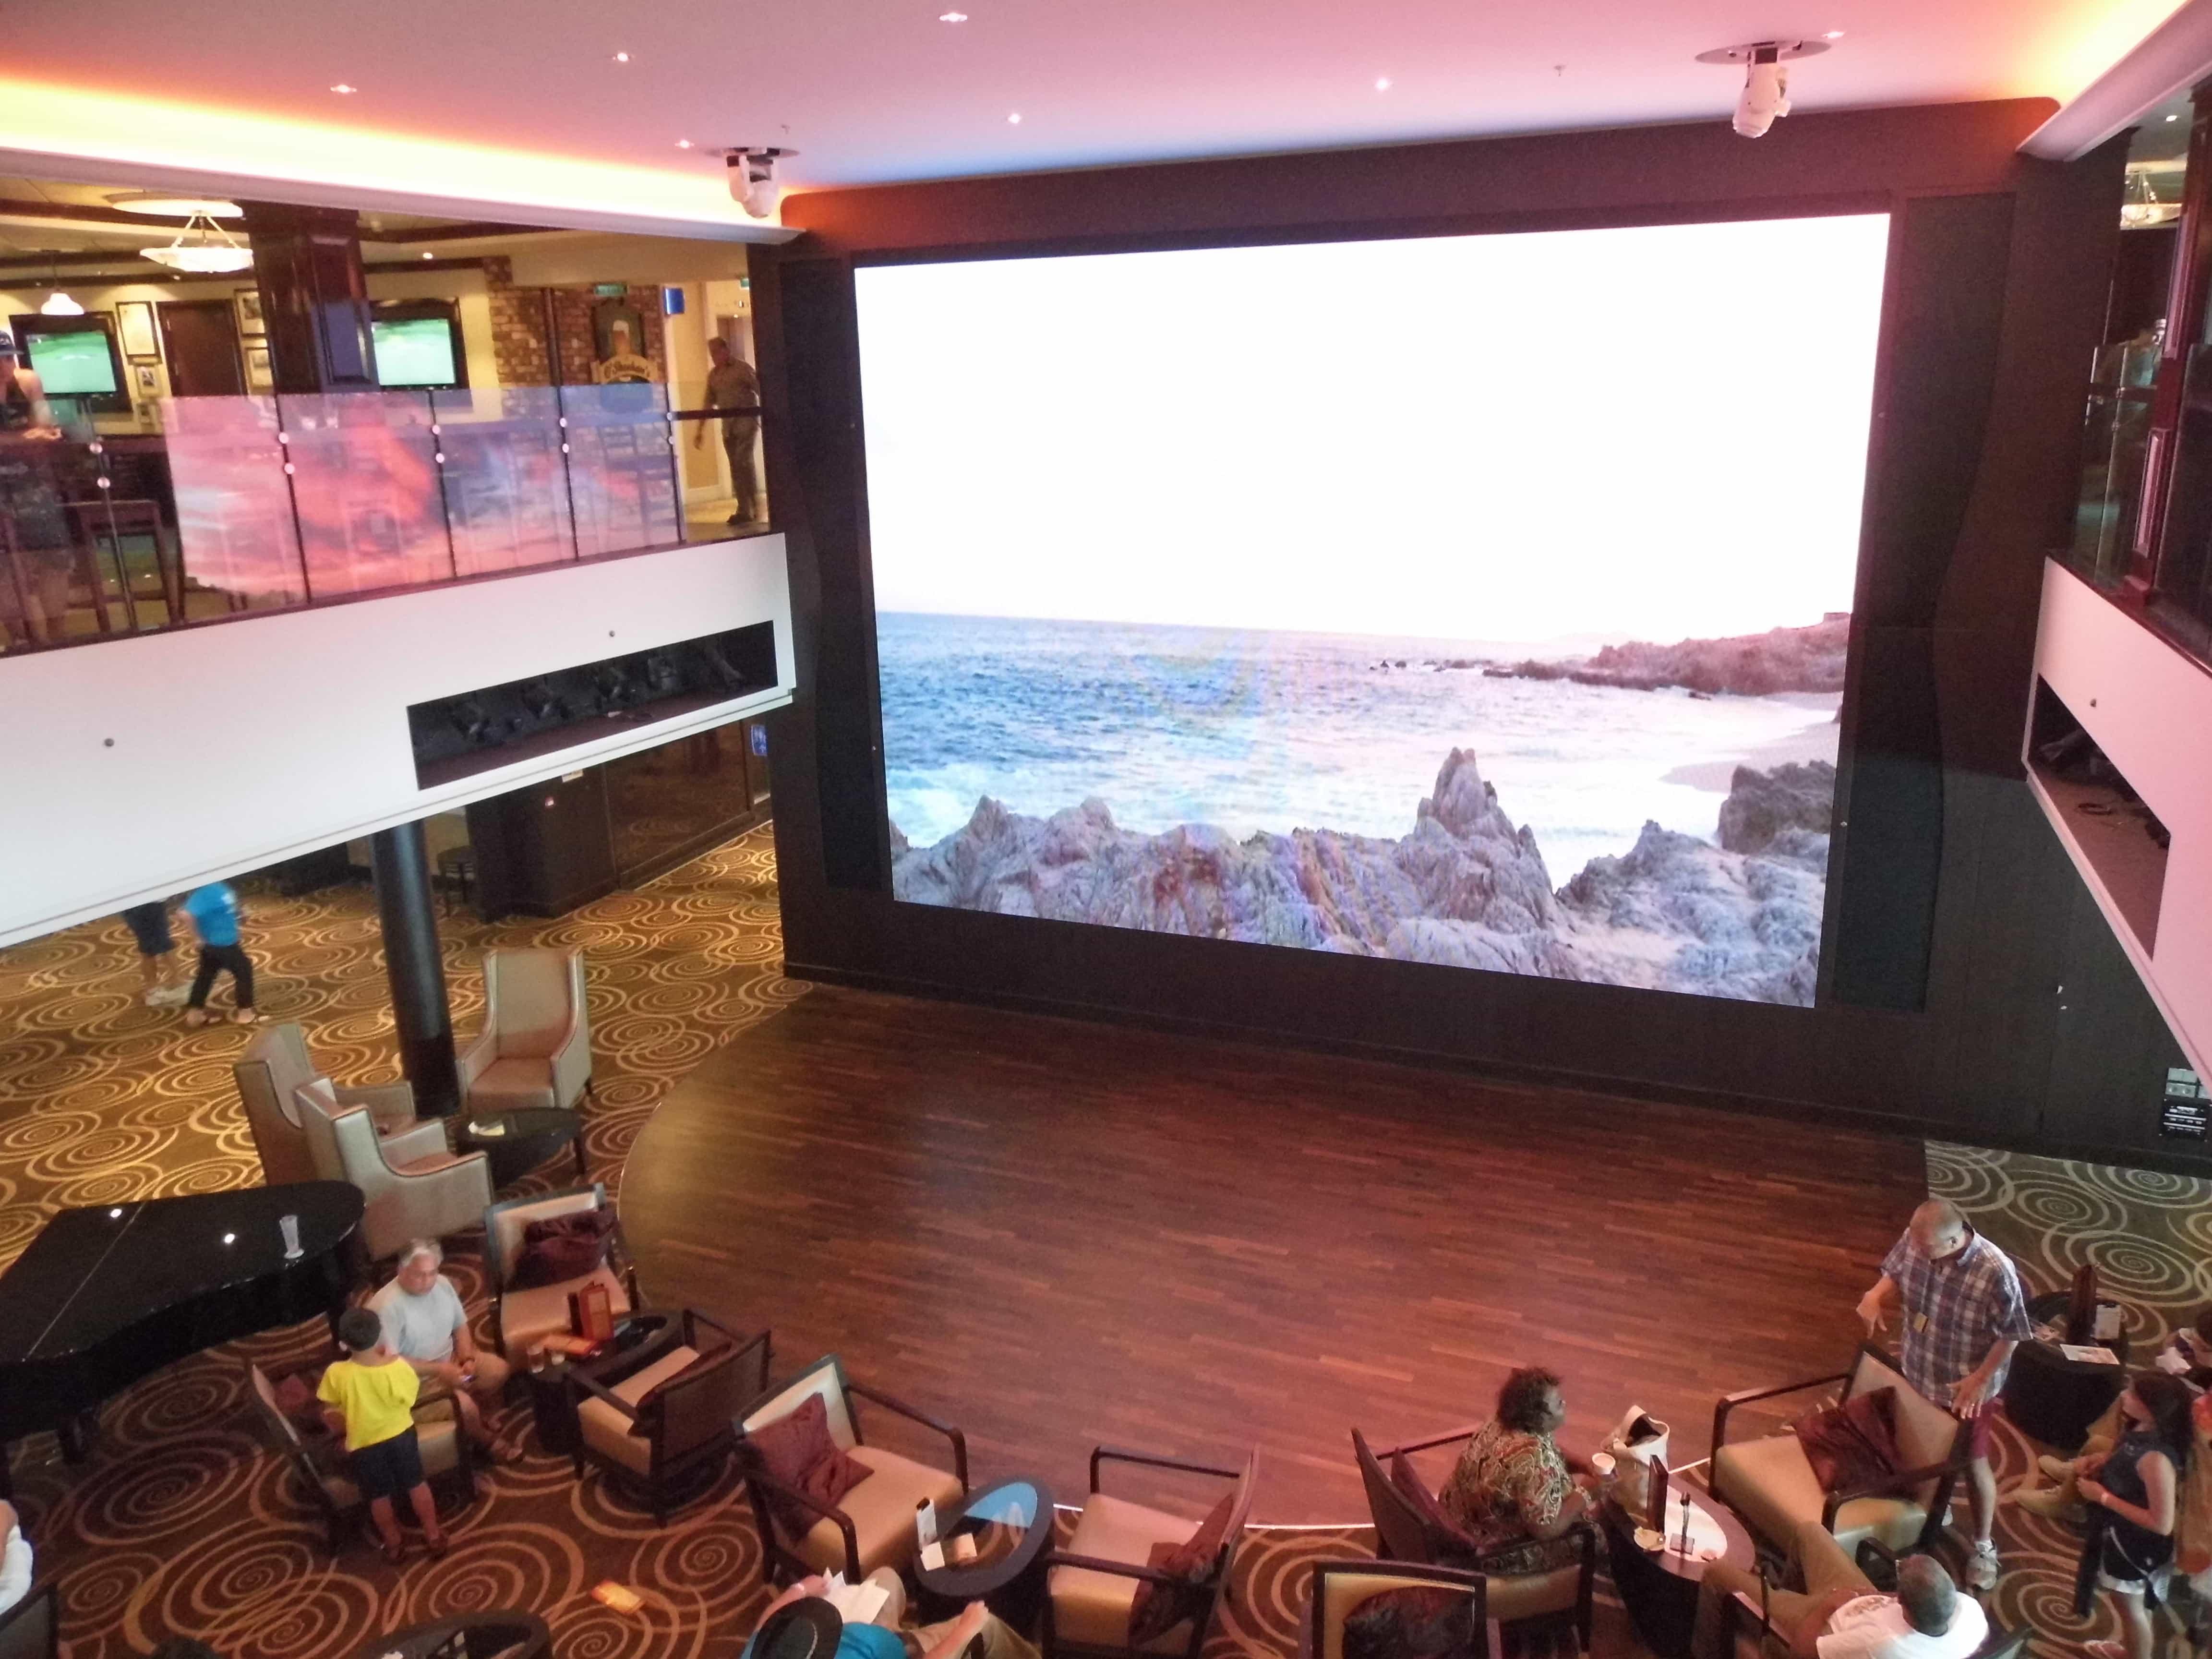 Norwegian breakaway atrium screen